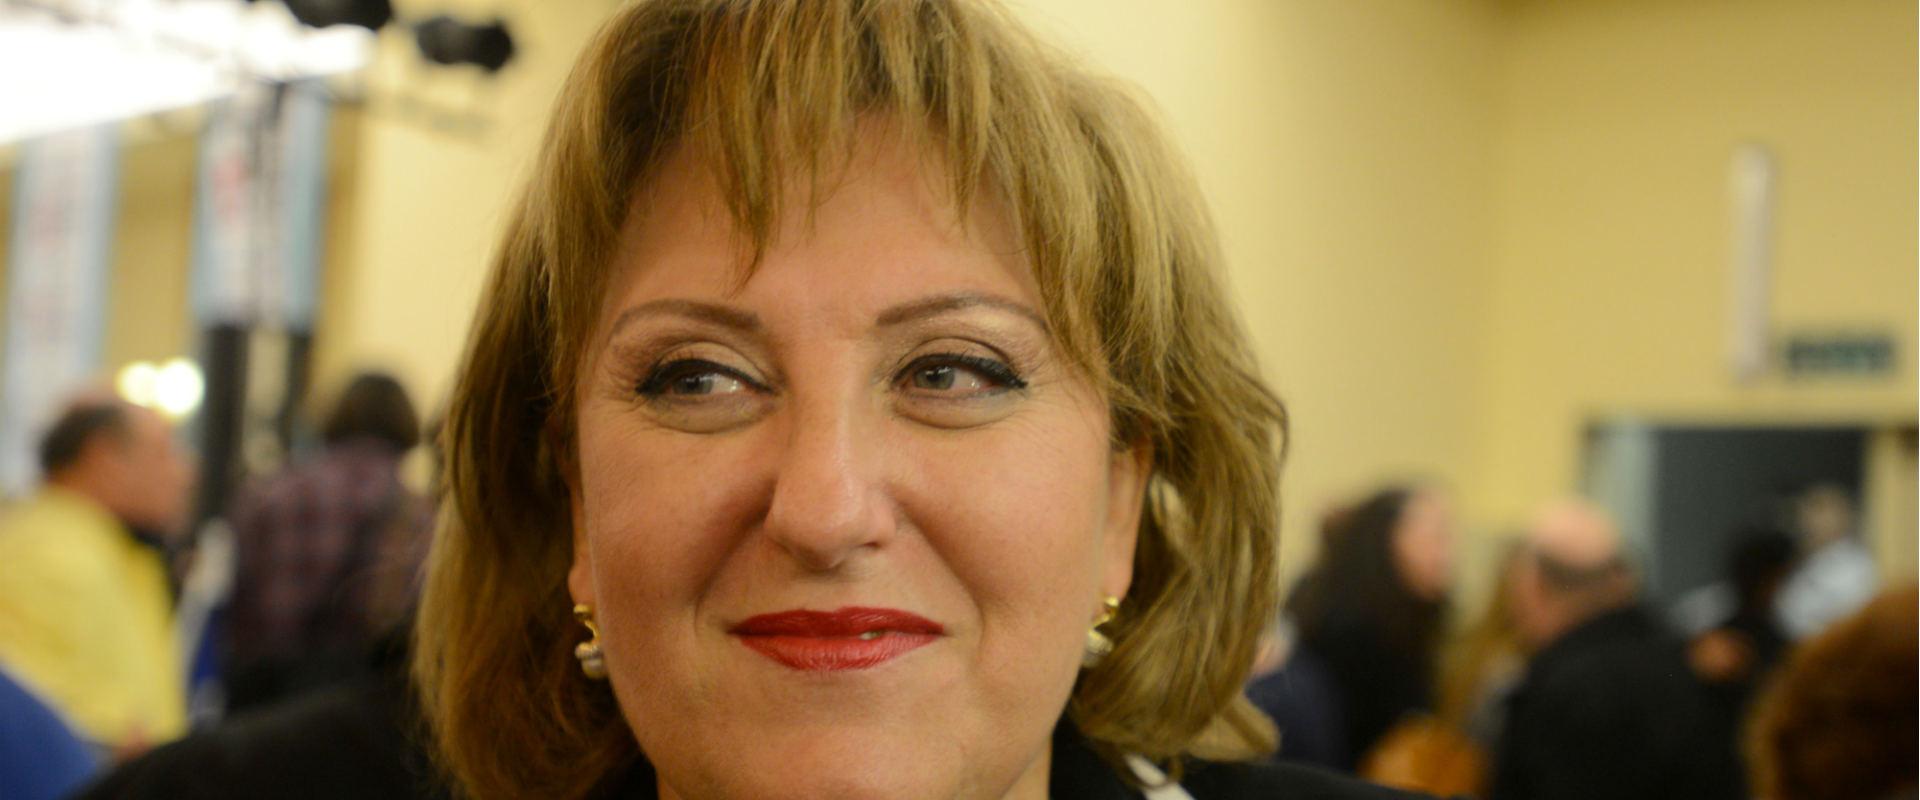 פאינה קירשנבאום בוועידת סיעת ישראל ביתנו